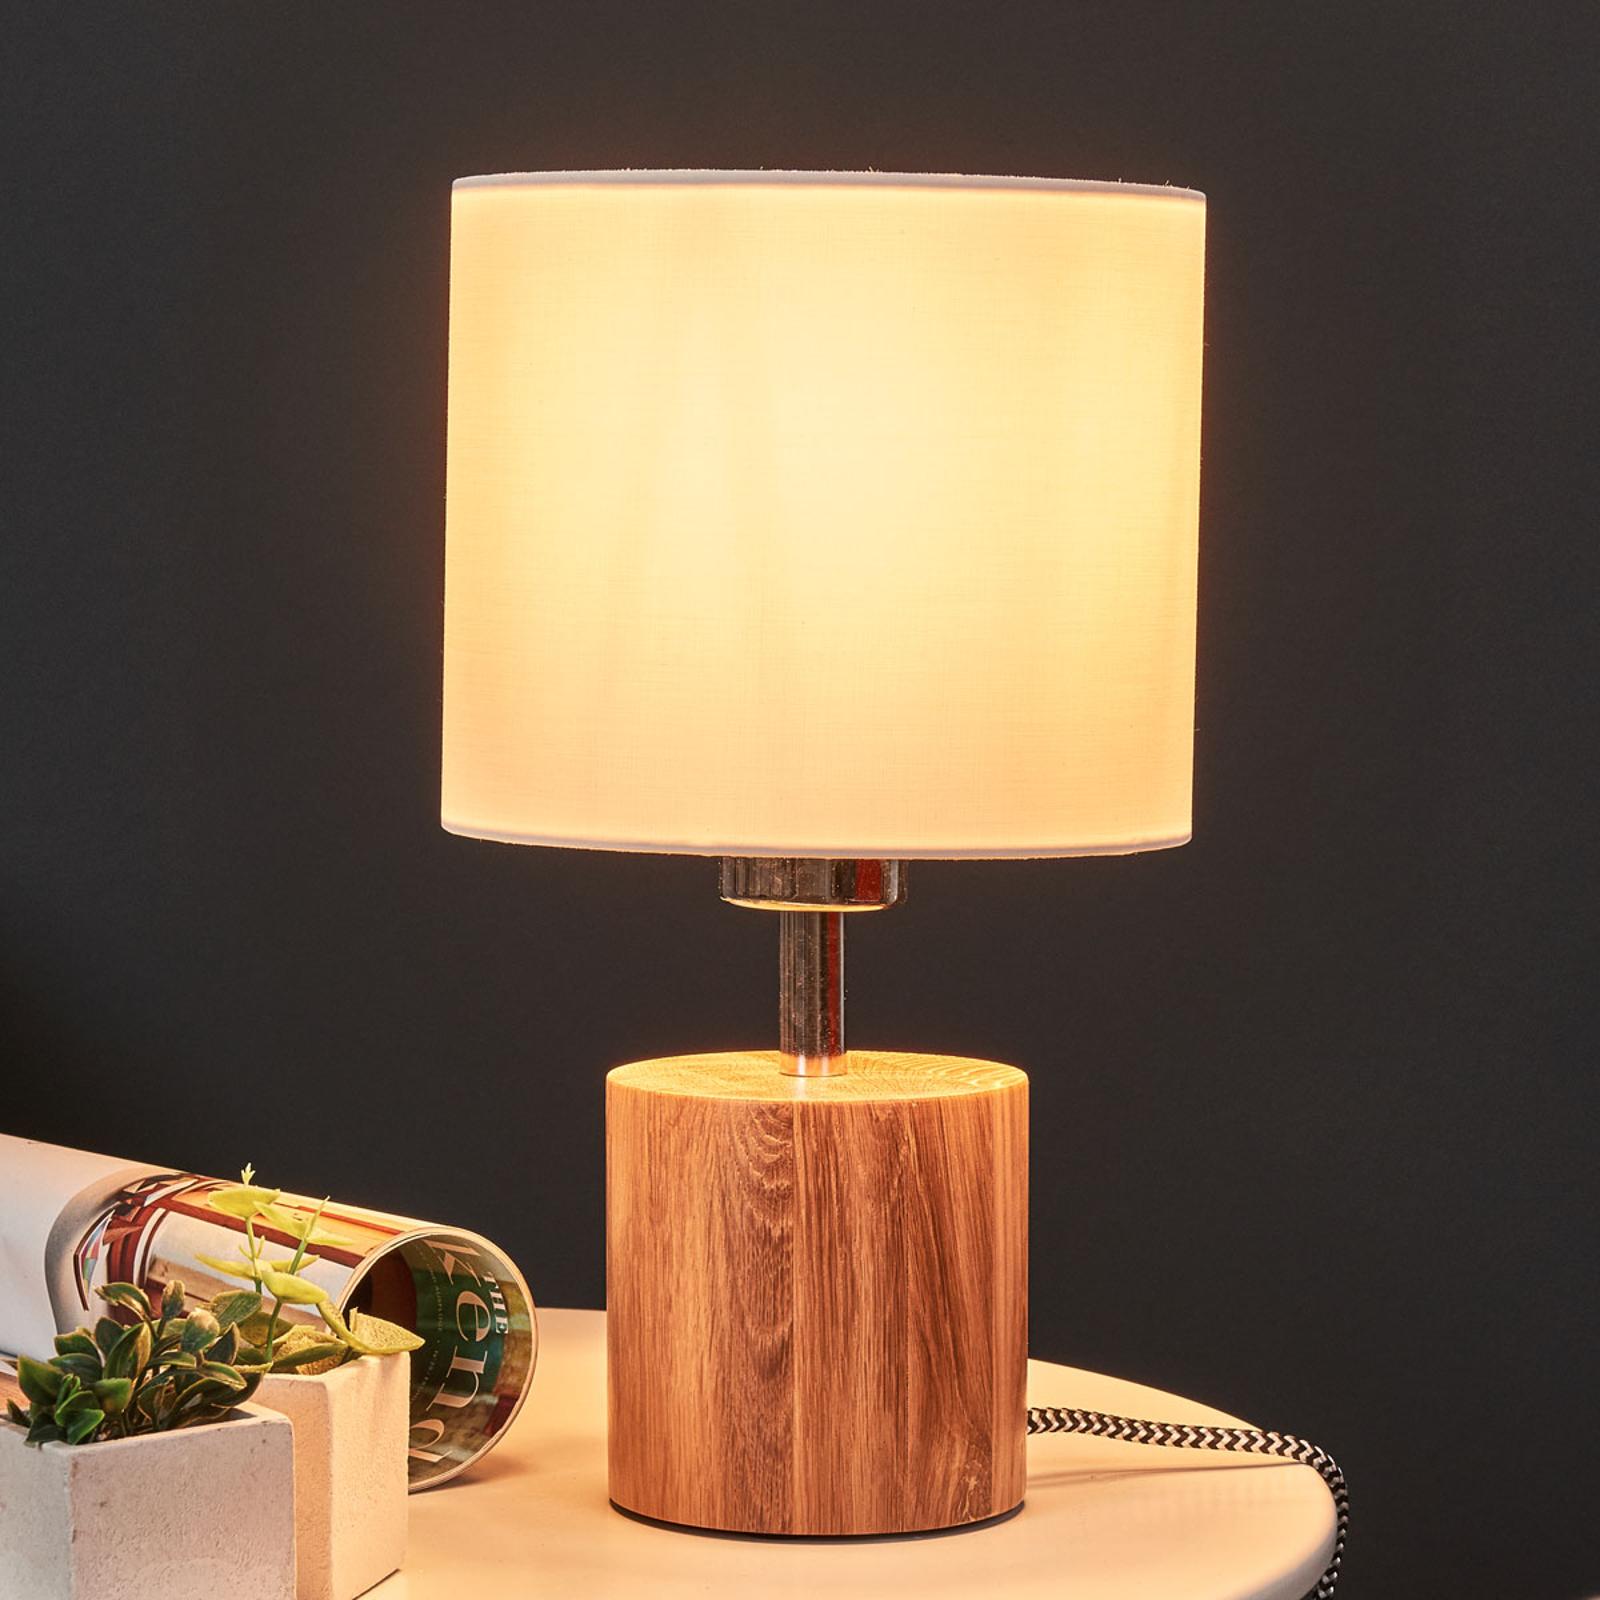 Rund bordlampe i tre Trongo kabel svart hvit